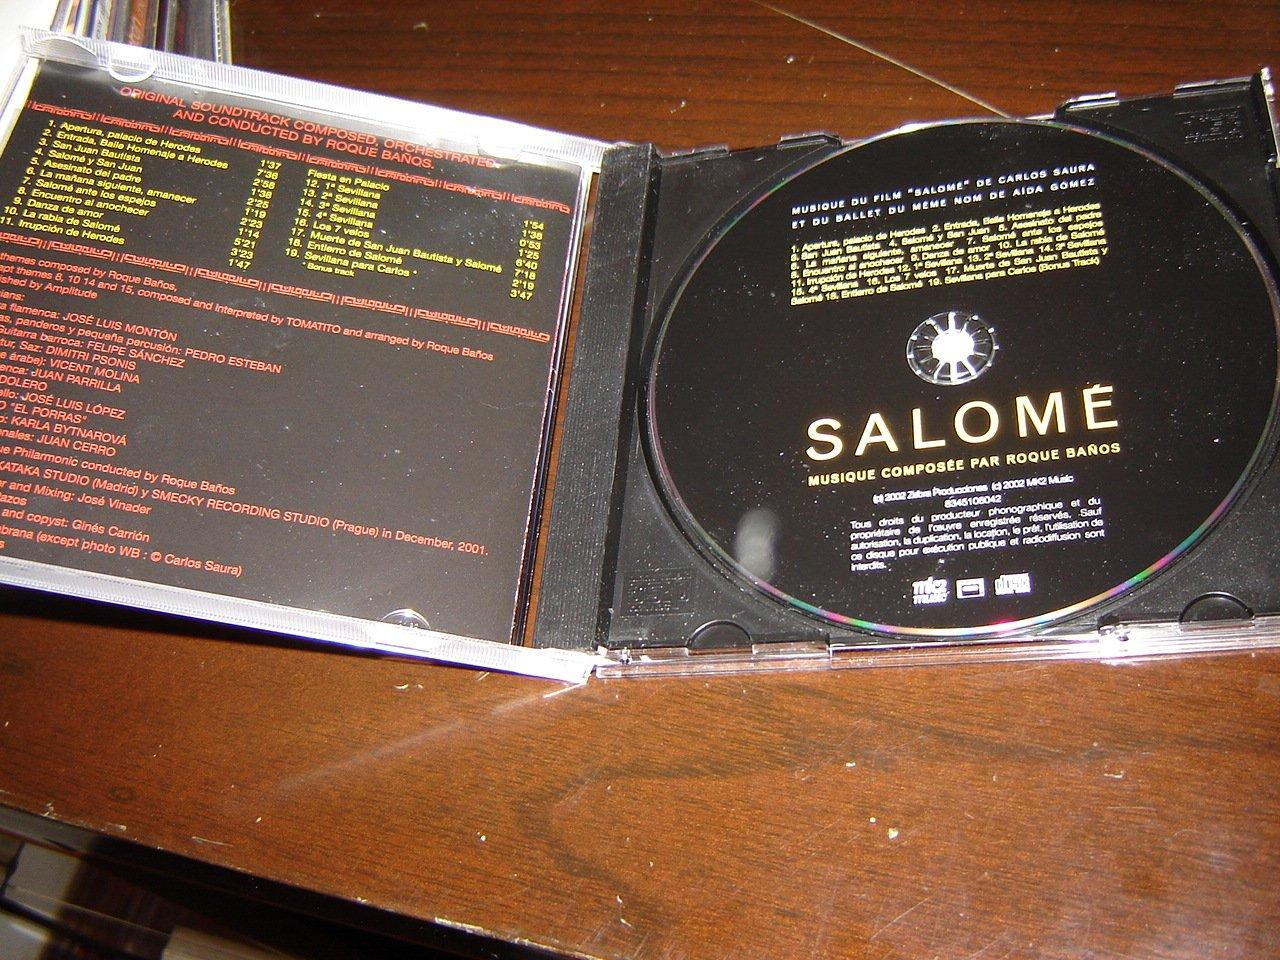 Salome / Musique Composee par Roque Banos / Import / UNE PRODUCTION DE ANTONIO SAURA POUR ZEBRA / MK2 / FILM